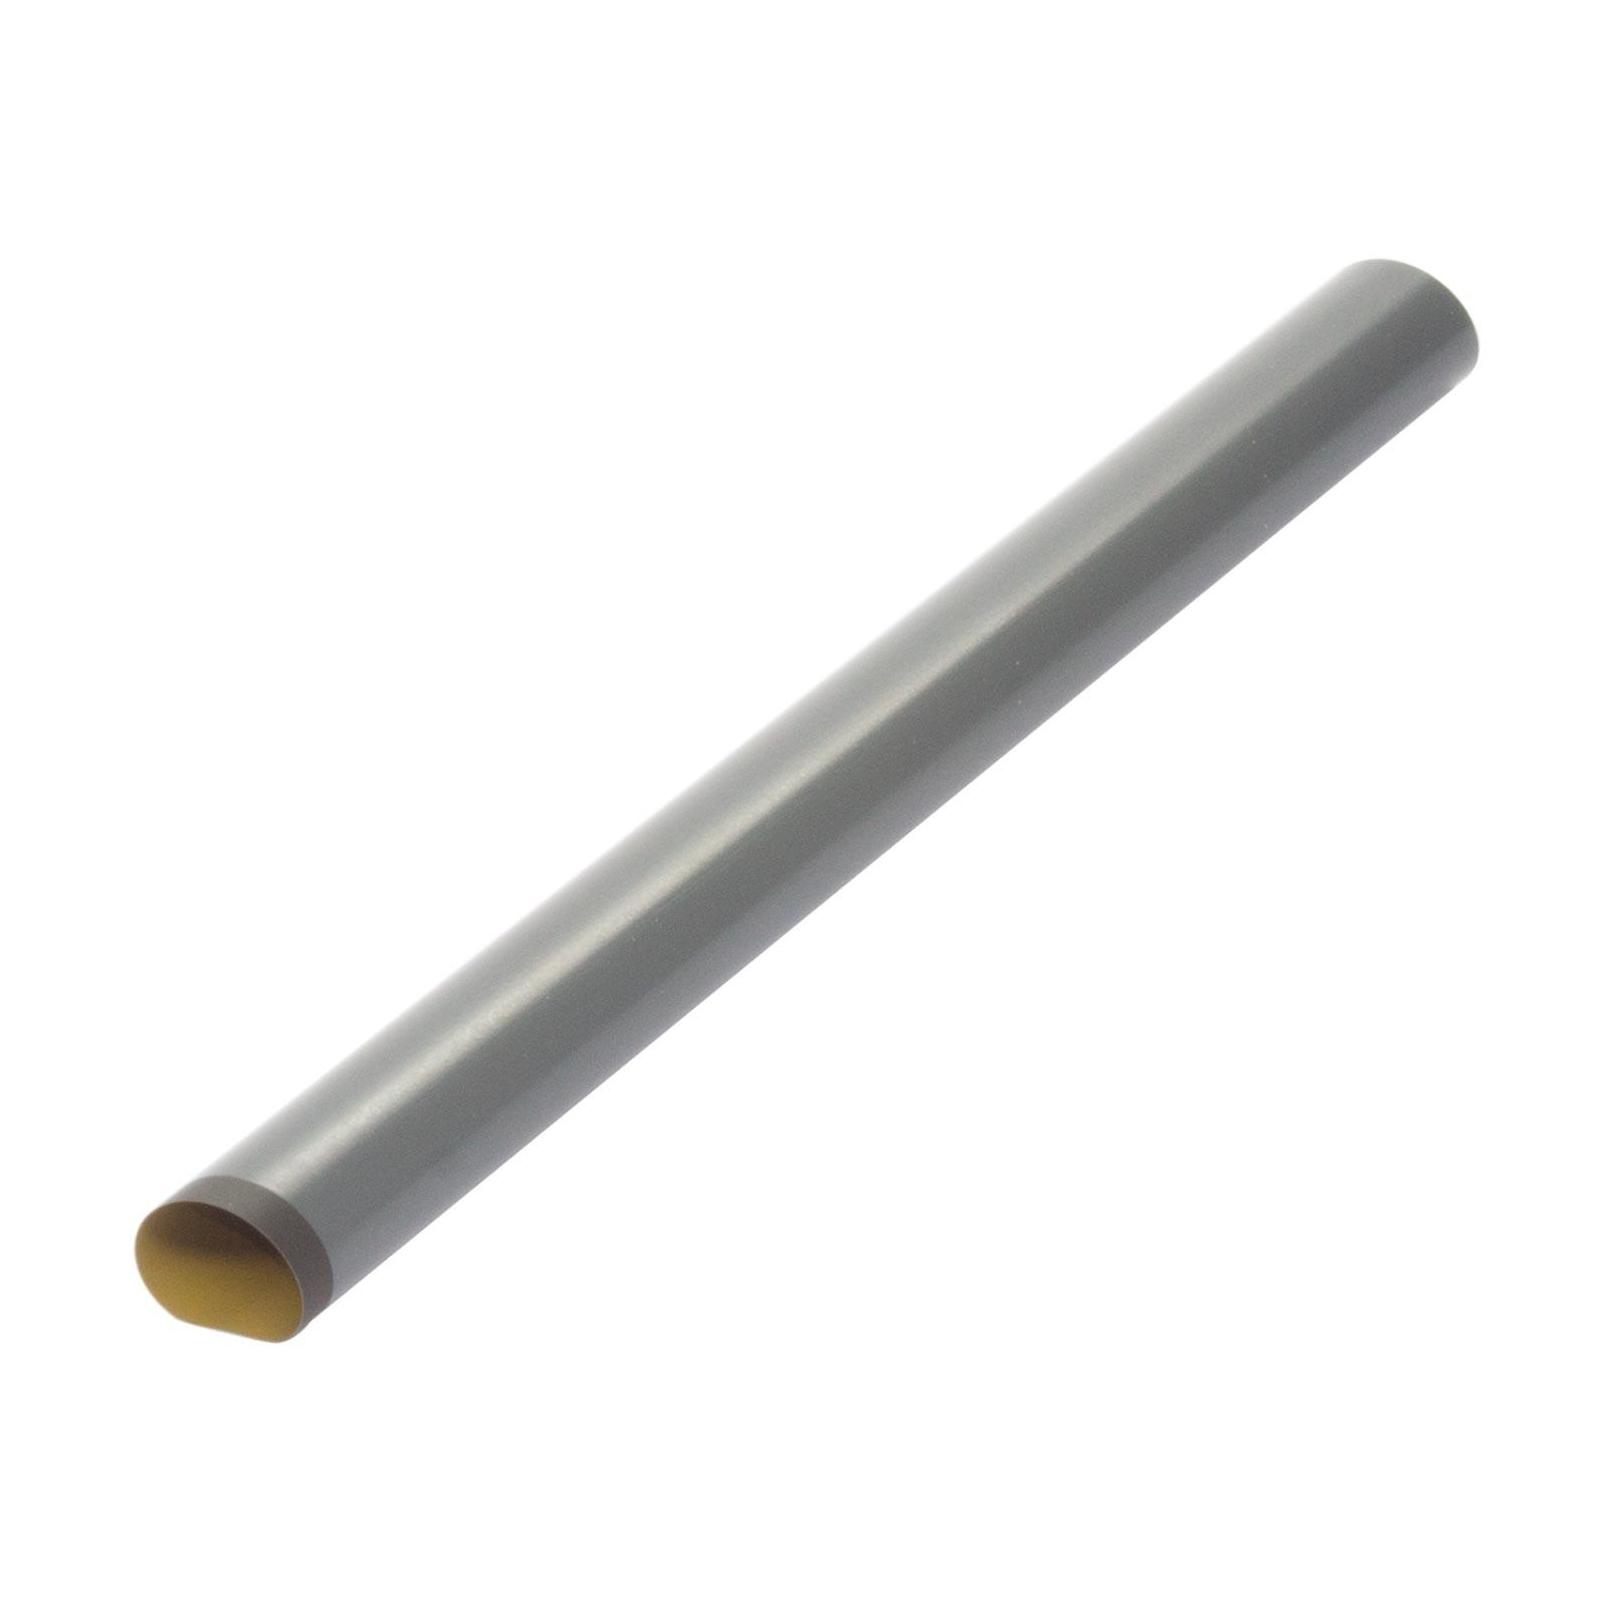 Термопленка АНК HP LJ 1000/1010/1200/1300/1160/1320/P1005 Прибалтика (1900710)